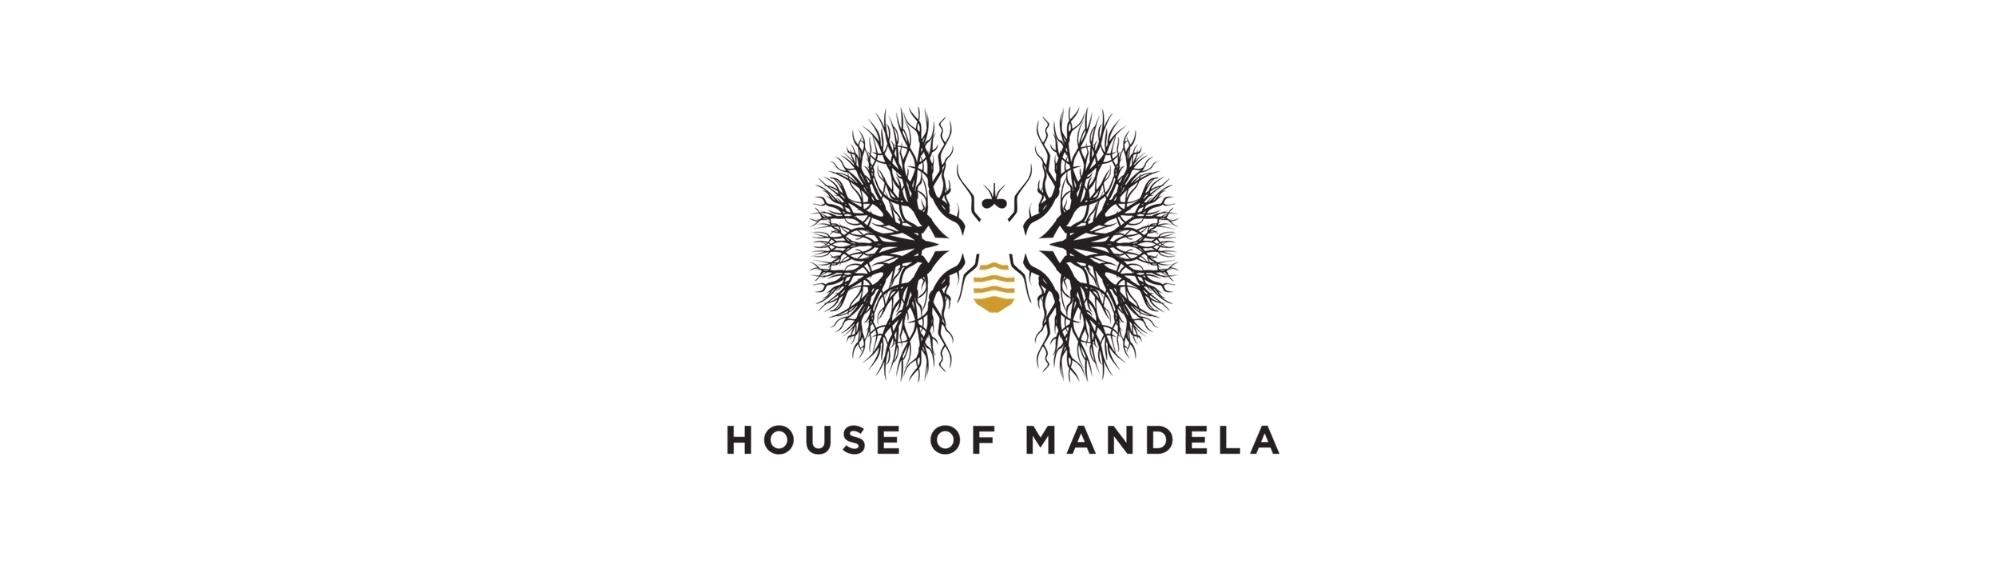 House of Mandela for Web.jpg